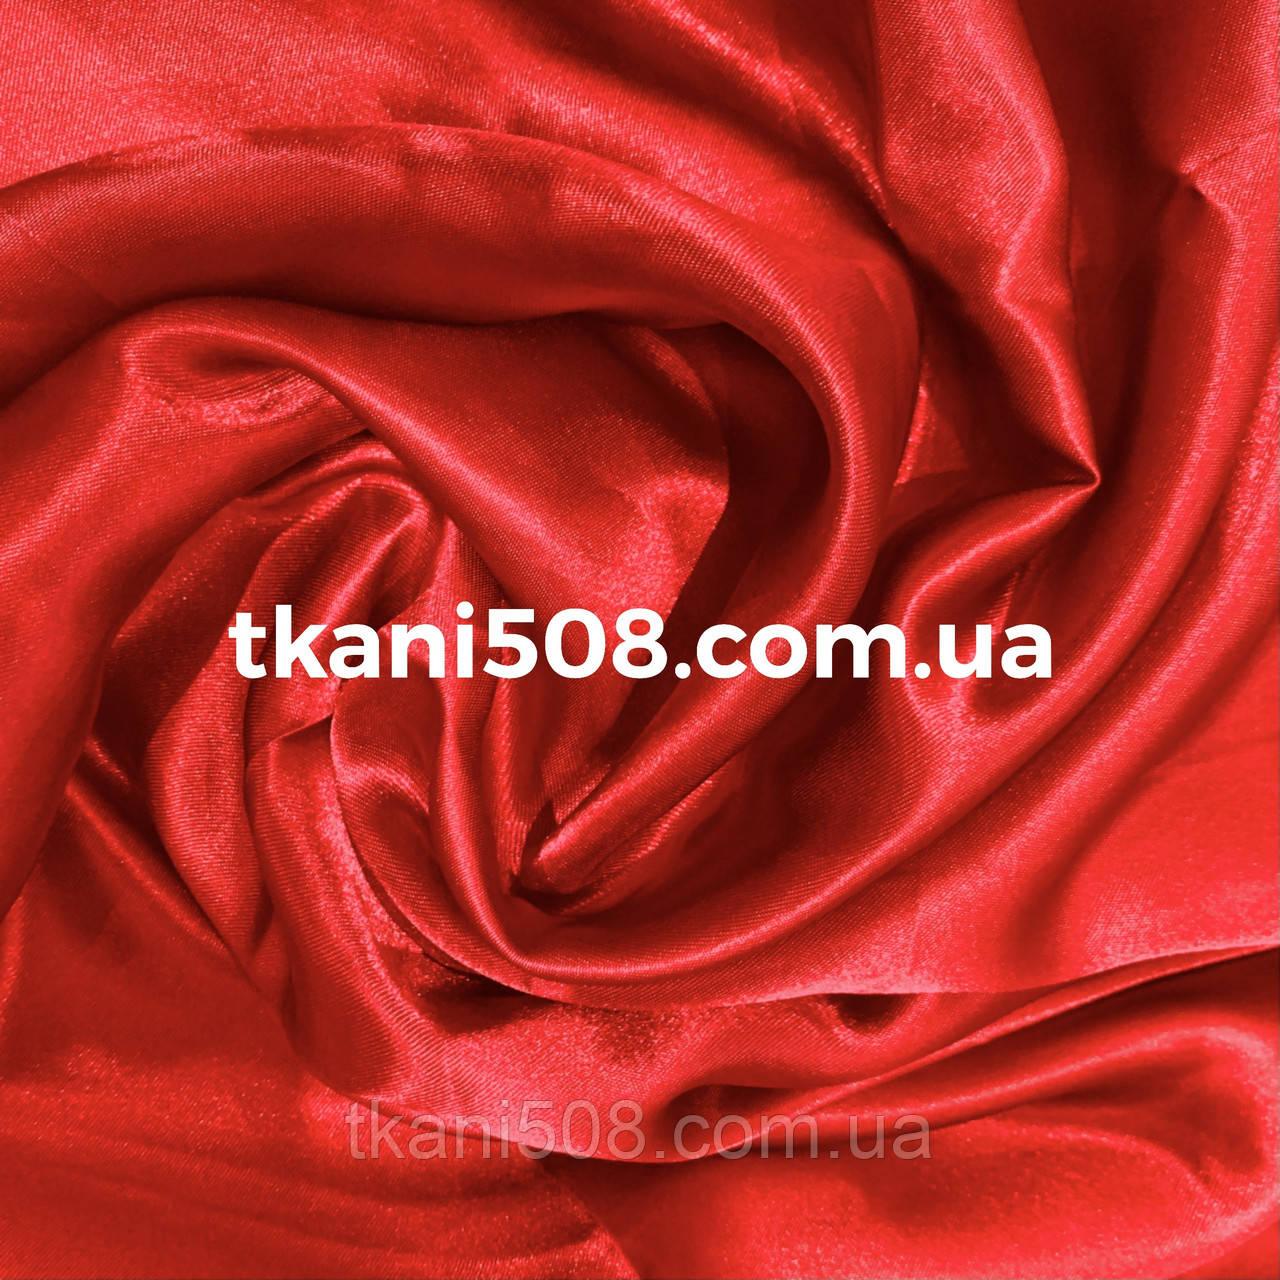 Креп Сатин Красный